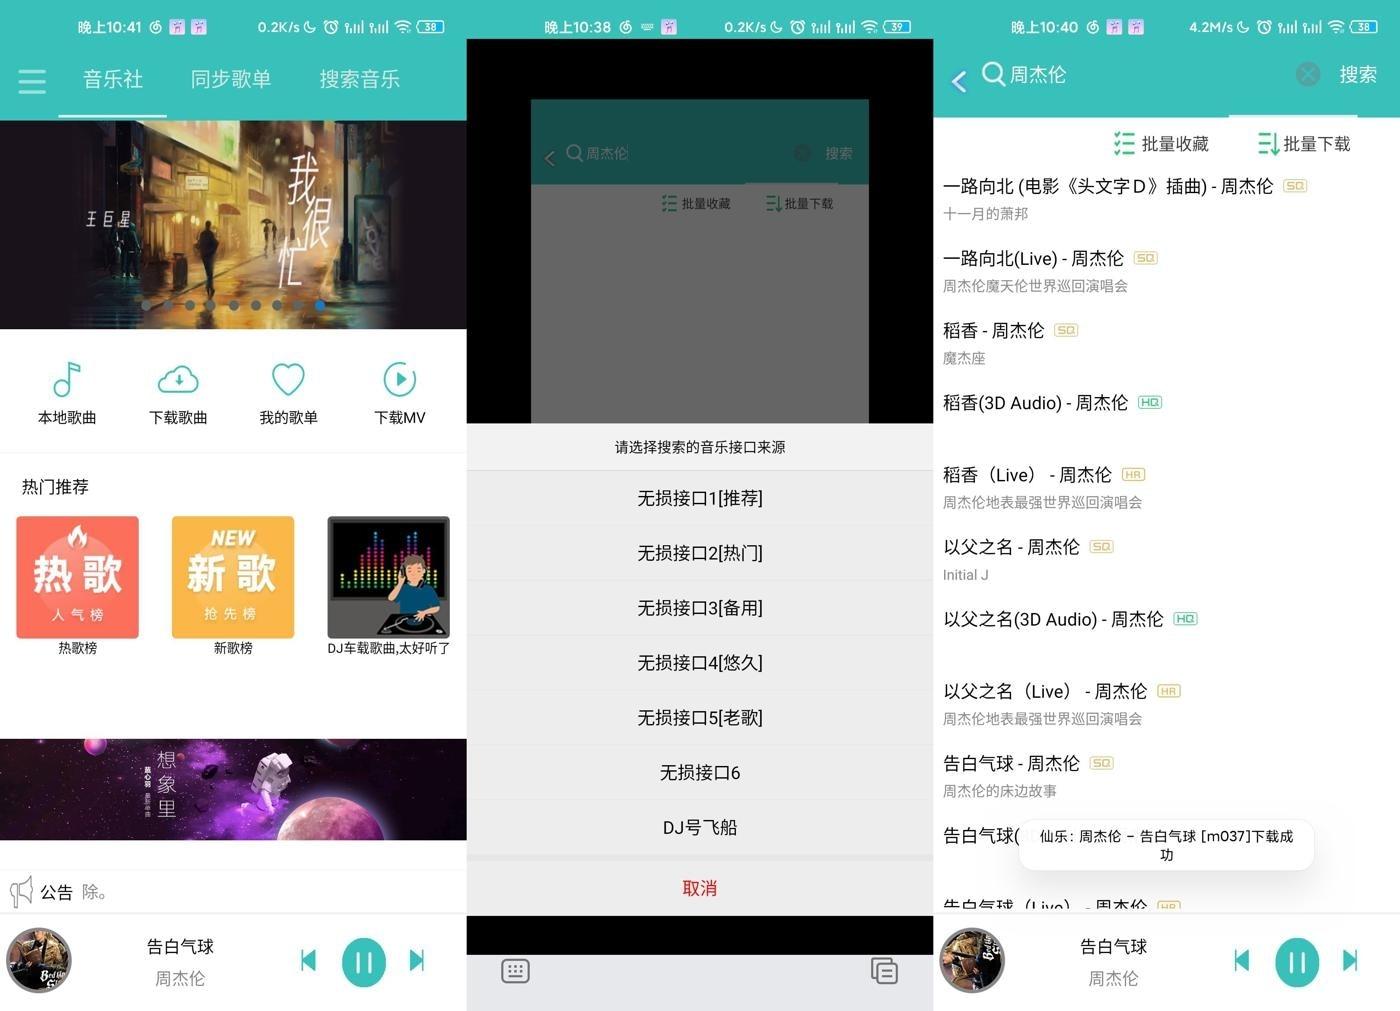 仙乐v1.5 无损音乐下载工具